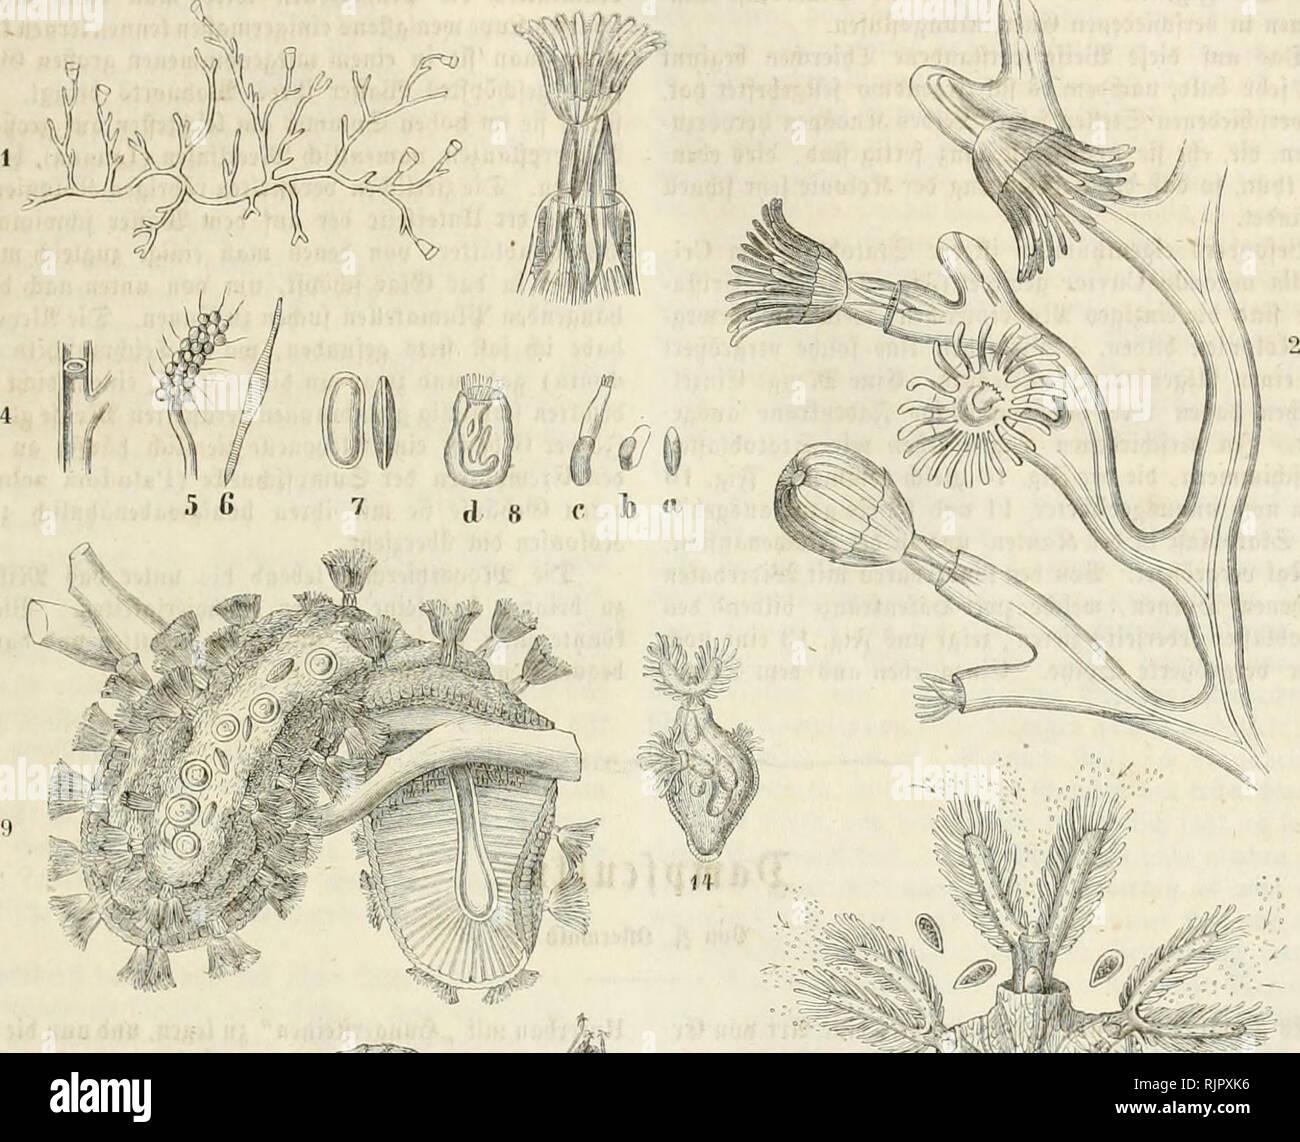 """. Aus der Heimath. Natural history; Natural history -- Germany. 89 90 Sl^tcreä in j^ig. 3 unb cvtenncn bcn buvdjfrfnMnoiibcii Tial)- rung§fd)taud). SBcnu fid) bag S£)in-d)eu in fdnc P,eac beö gemein' famen Stodcti juvürfjiel)t, fo neigen unb fvümmen fid) bie jViiben bev [d)5nen g-abeiifvone nieber unb bev yinnb bev (äinftülljnng jicl)t fic^ über it)v jufammen. (ic^ unb jugleid) bntd) ^""""""""noSpung fovt^iflaujen Bnuen. Sie finb Vüa^vfd)ein(id) fämmtlid) ^^''itt'-''-""""' ti6fd)on einige für getvenntgcfd)(cd)tig geljalten unn'ben. 2^ei einigen Gattungen fd)oint nod) eine britte ?(vt Bon Stock Photo"""